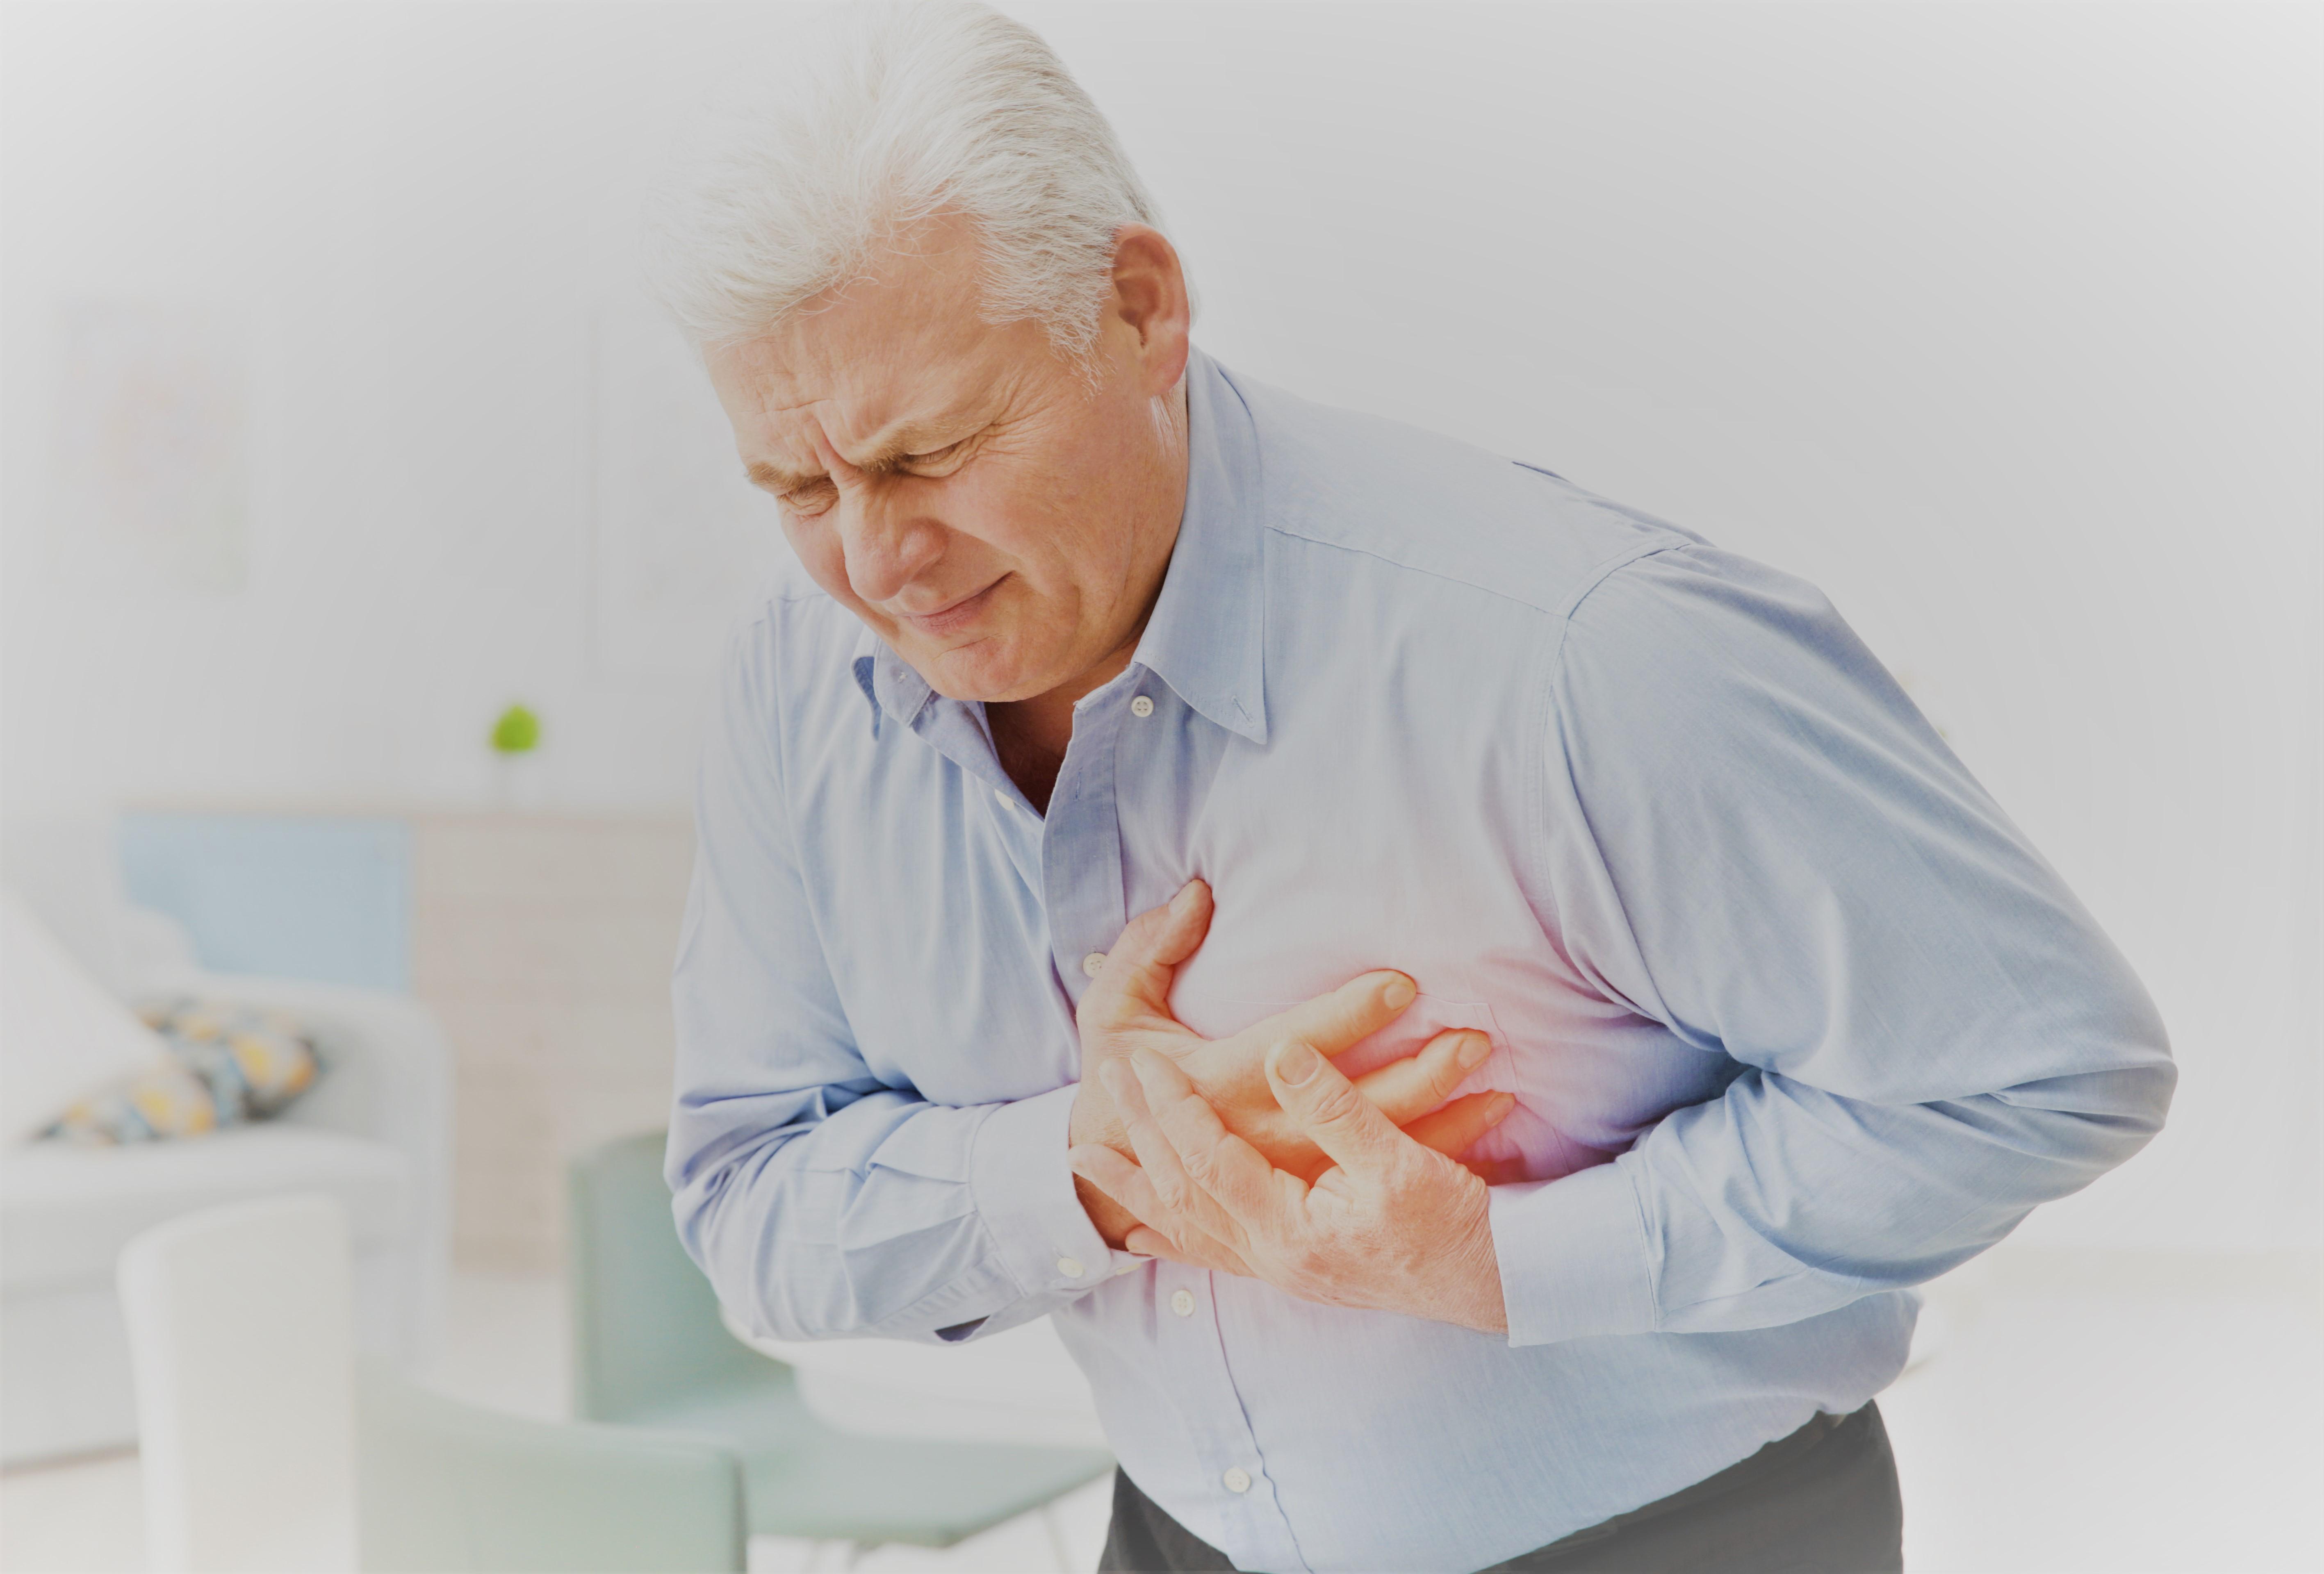 éles fájdalom a vállízületben miért articsóka ízületi fájdalomtól